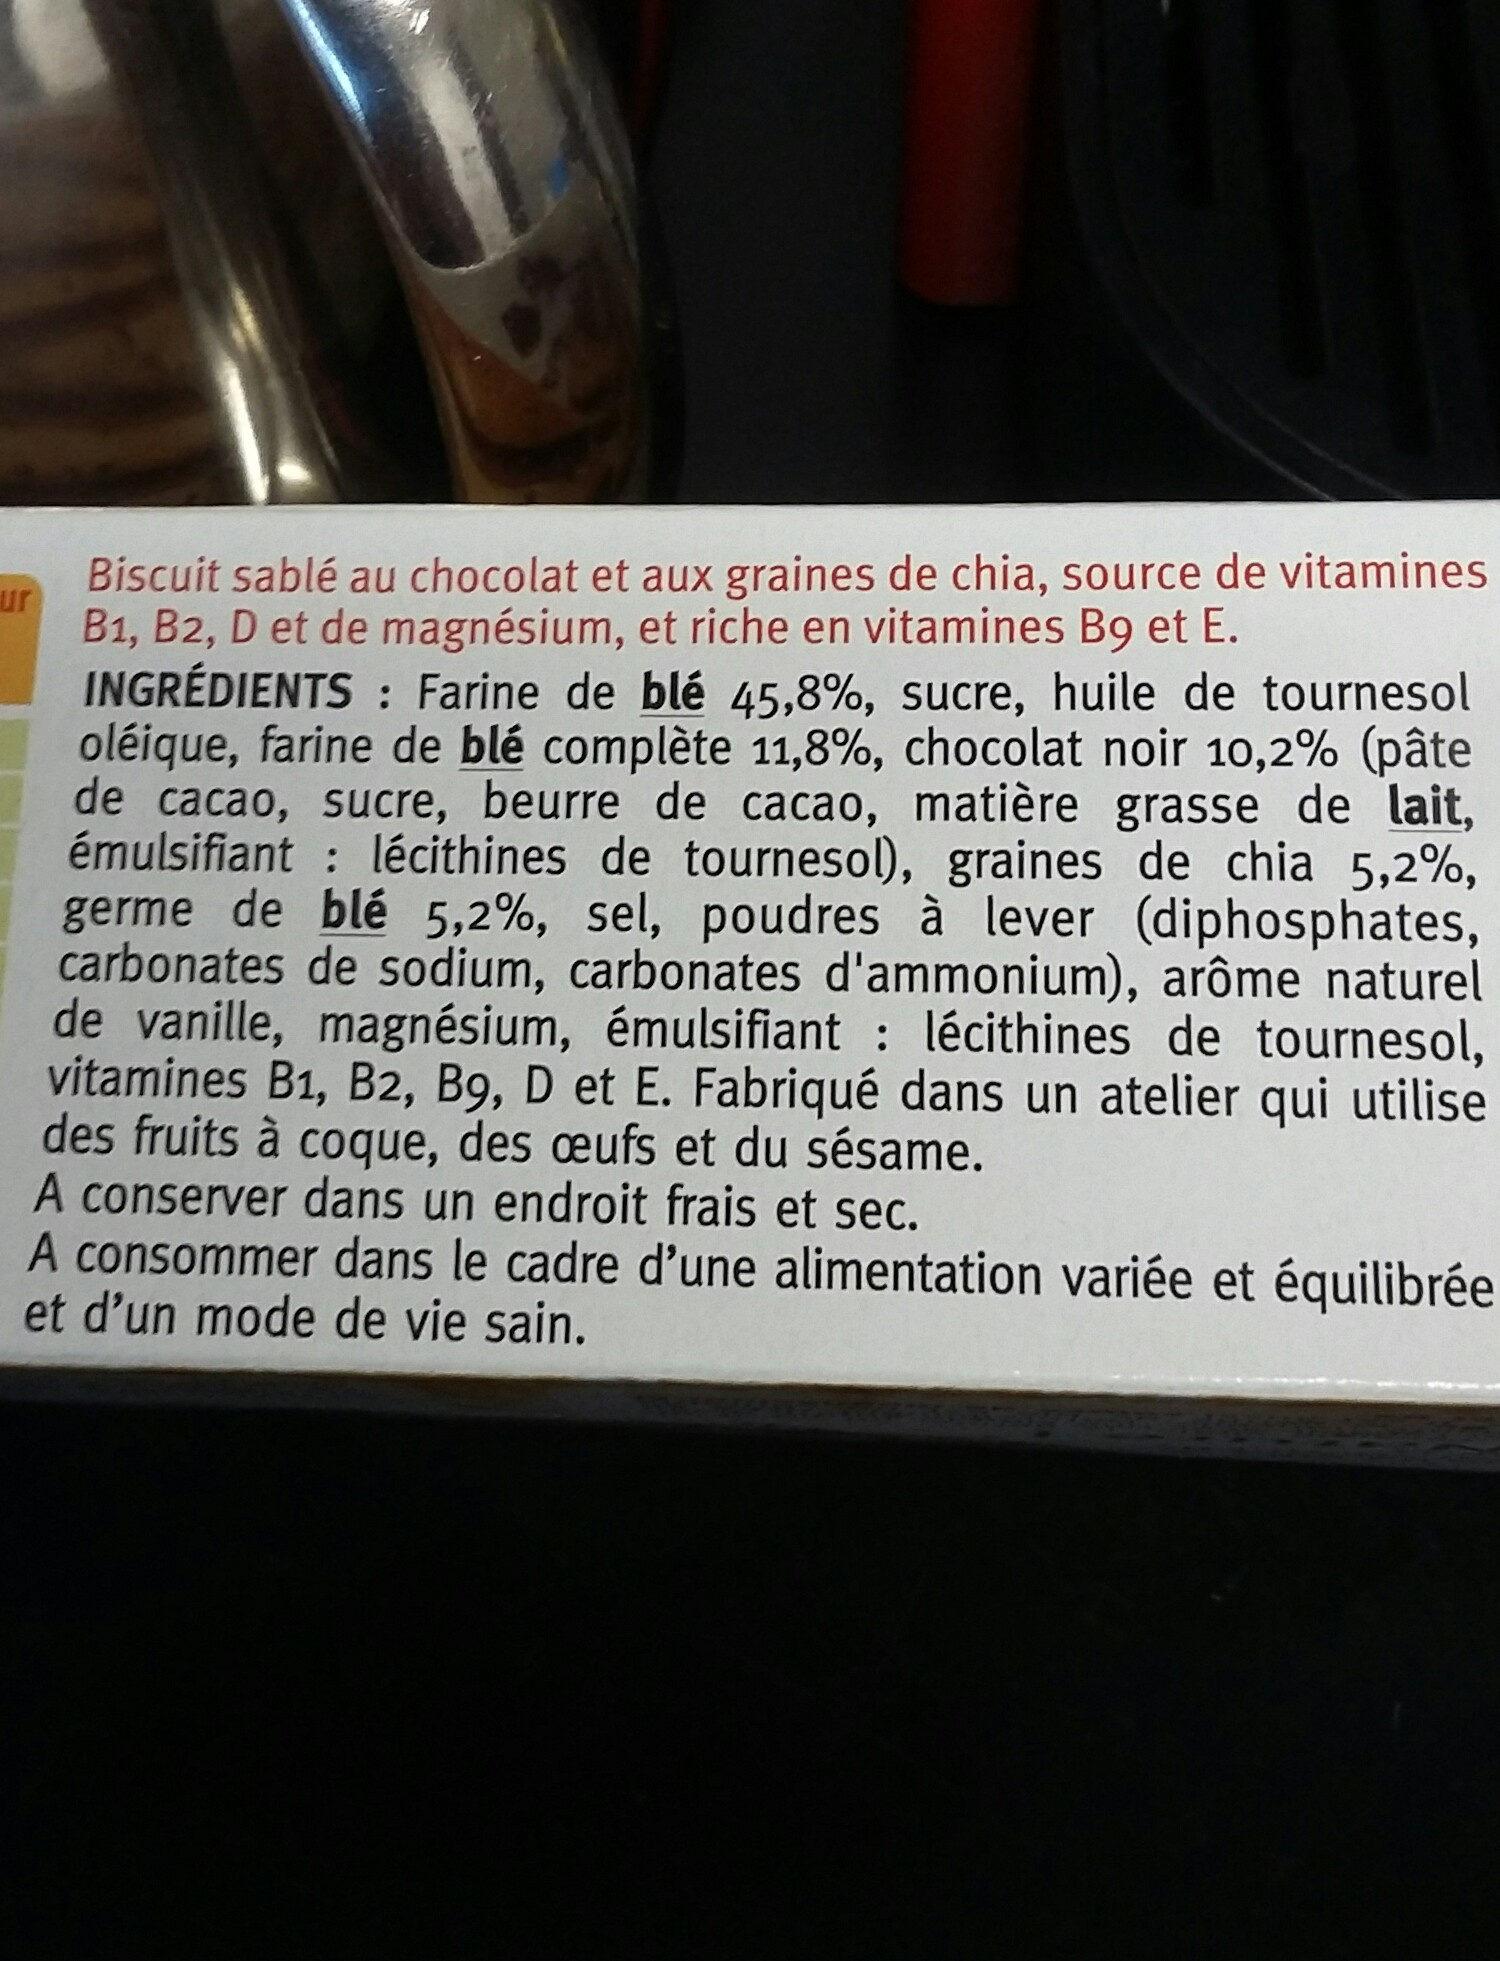 sablés  chocolat  graines  de chia - Ingredients - fr